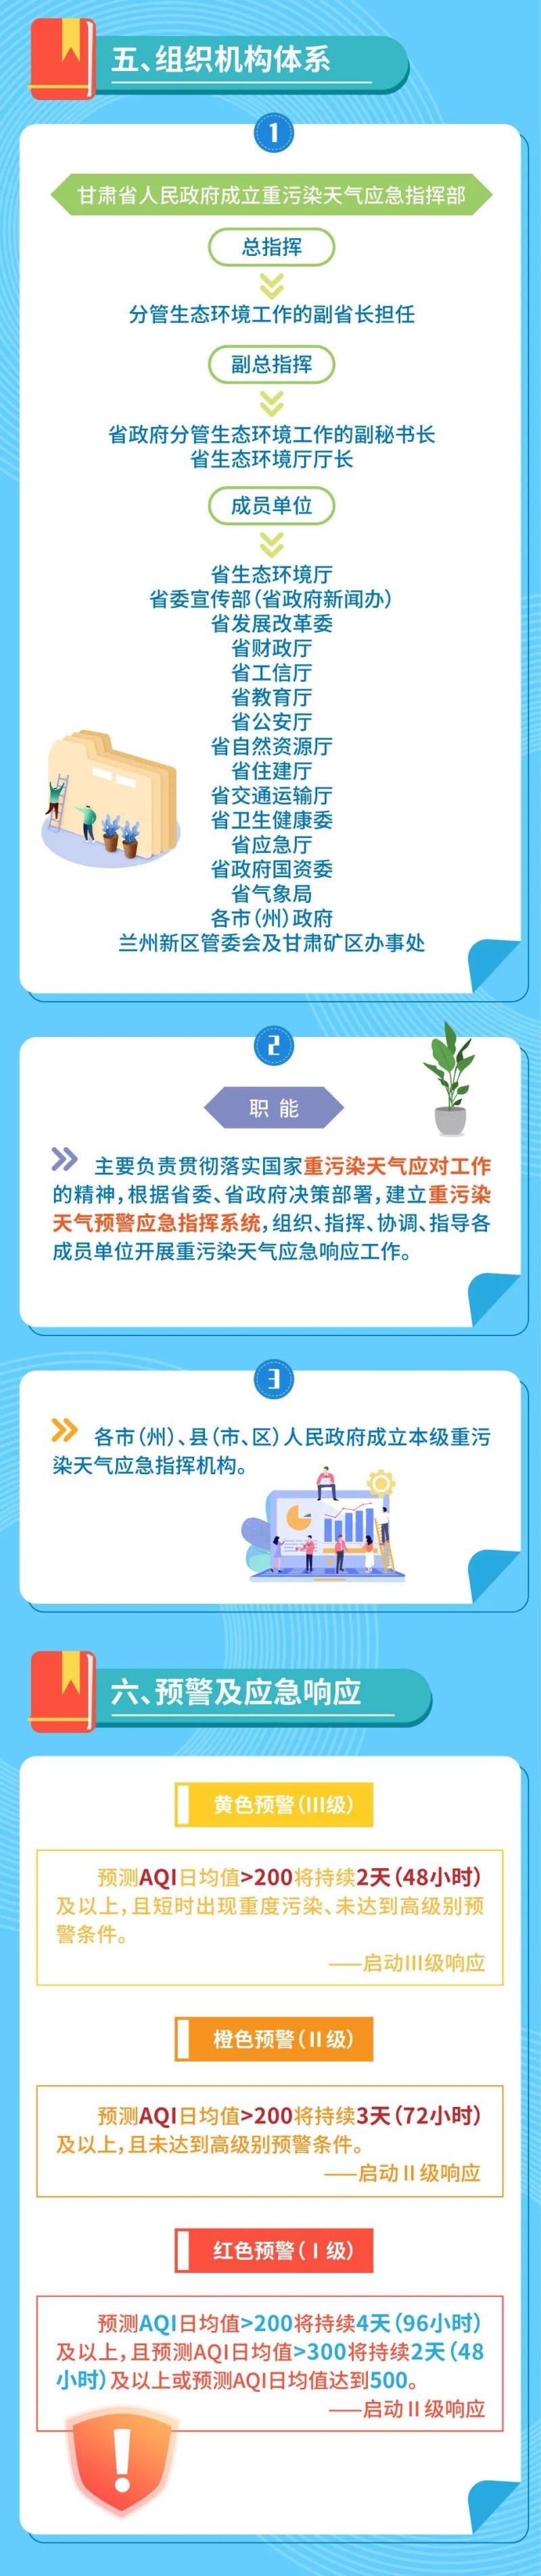 甘肃省重污染天气应急预案